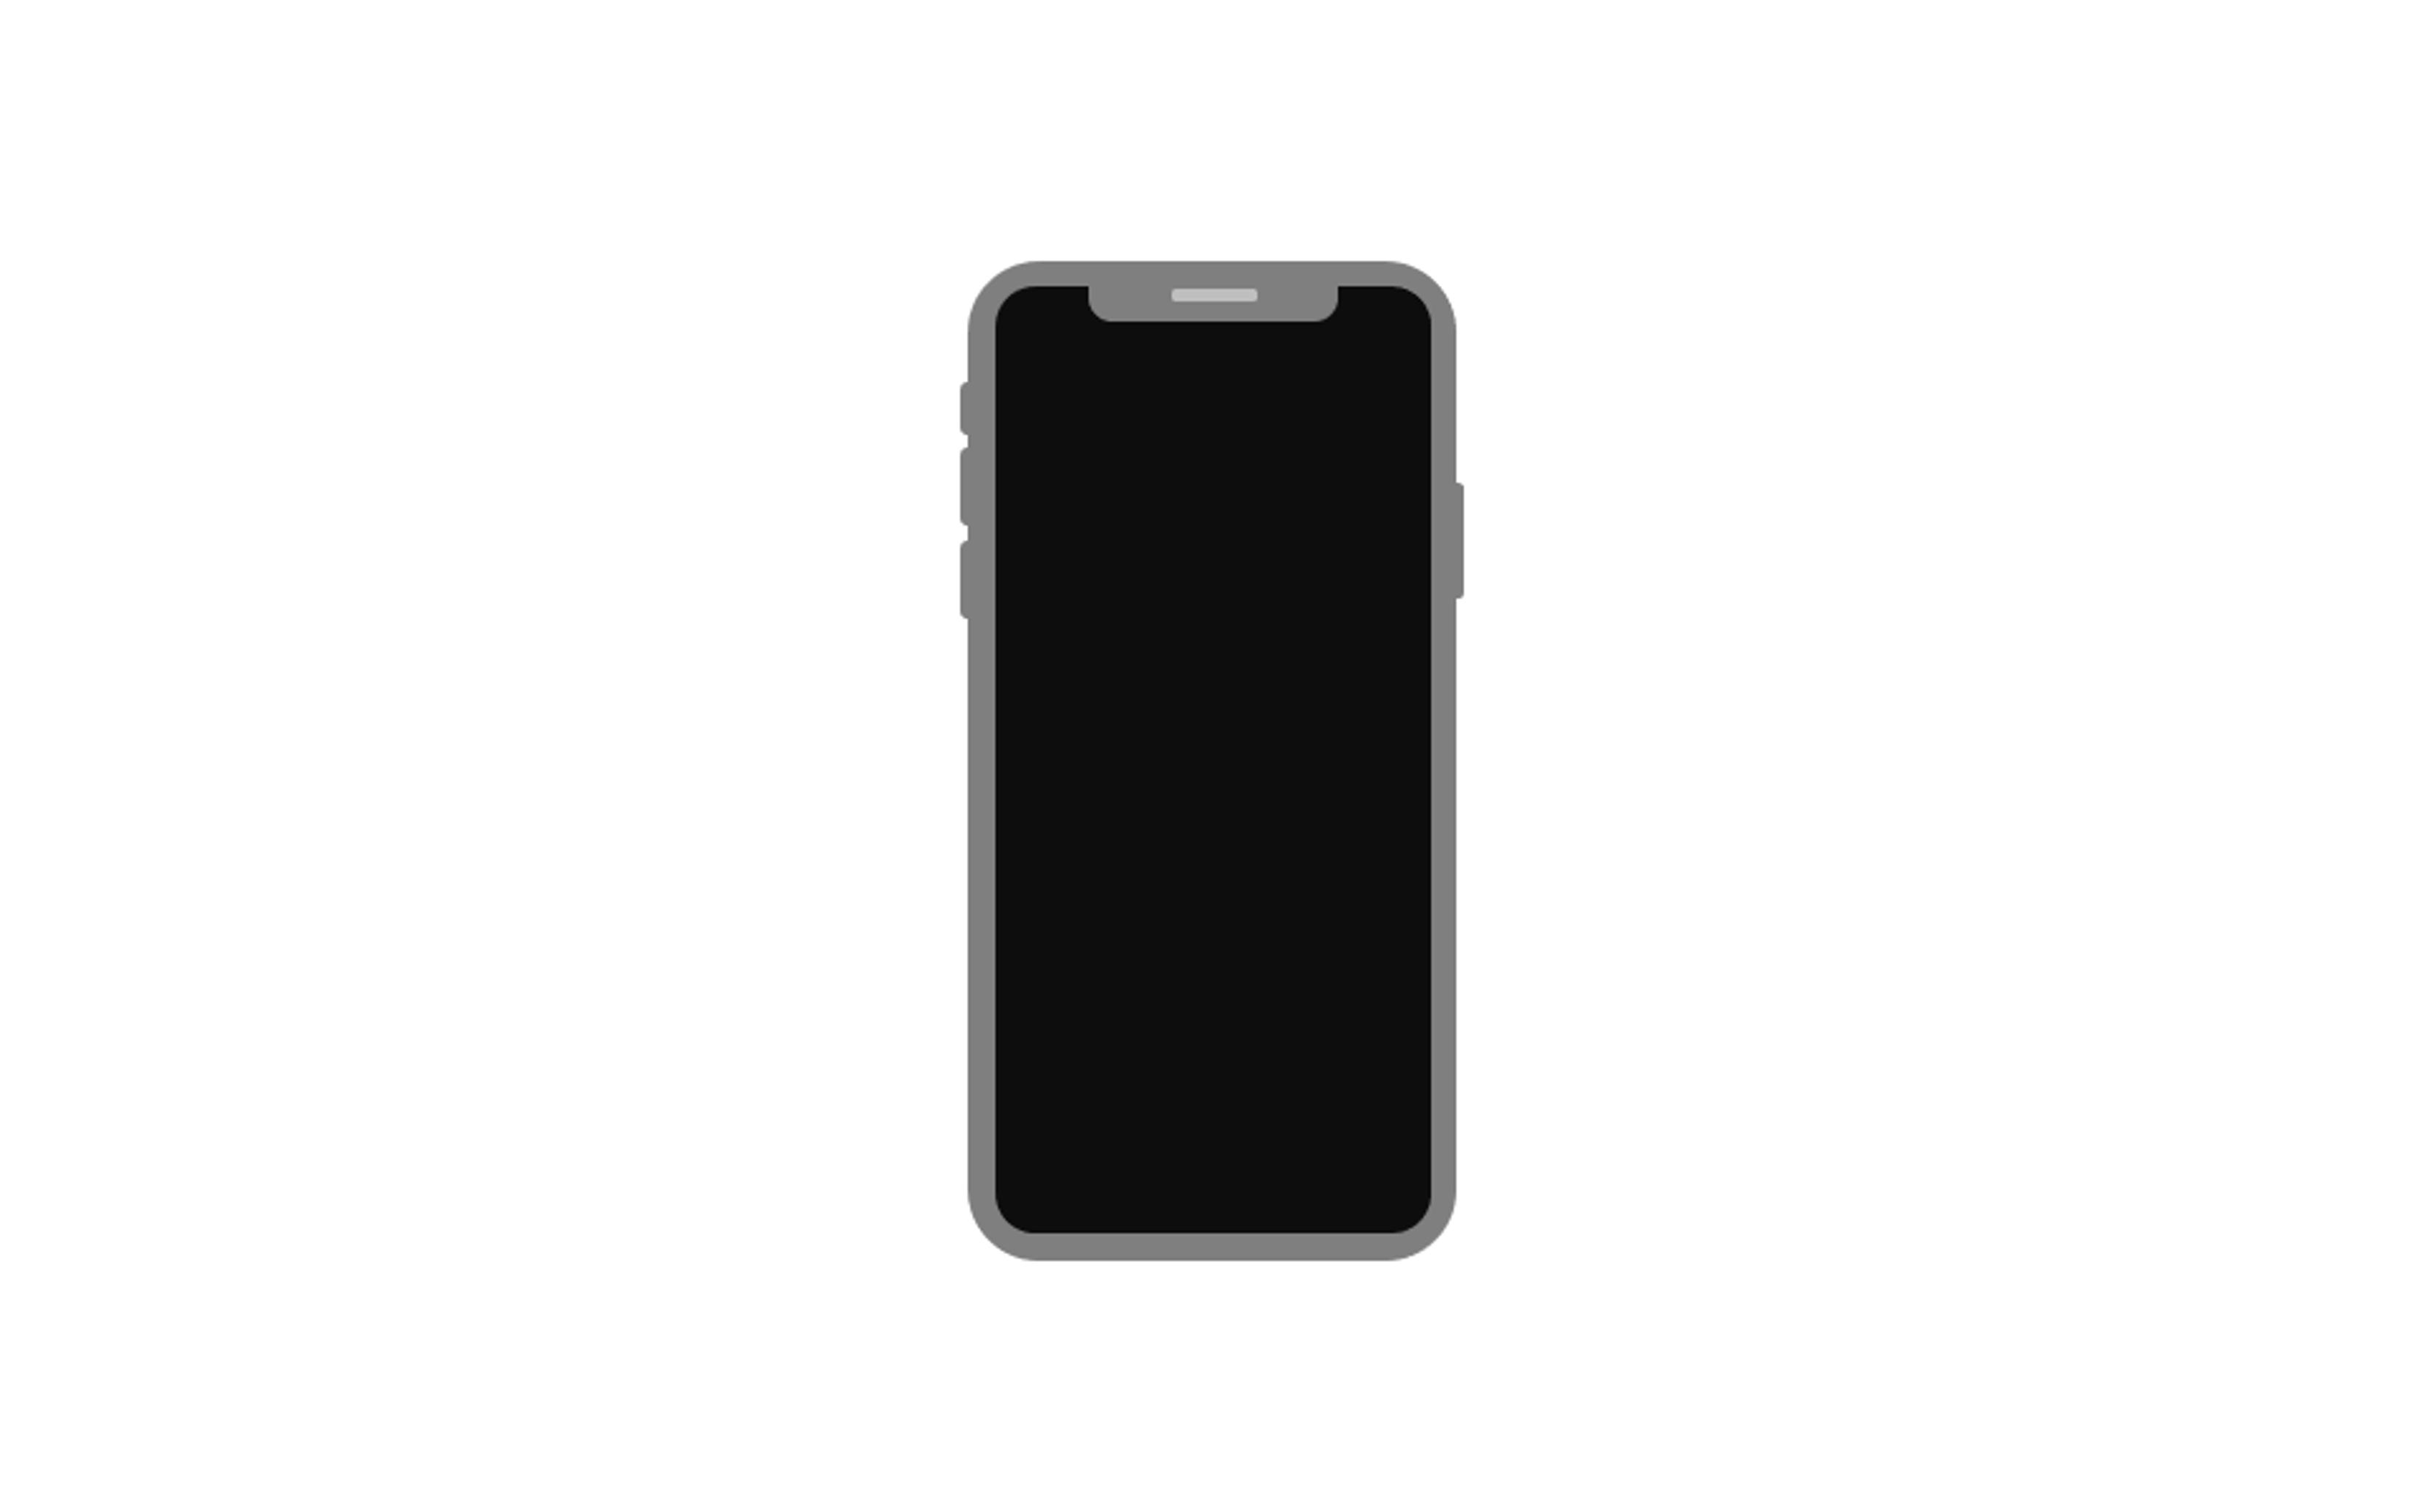 아이폰 이미지